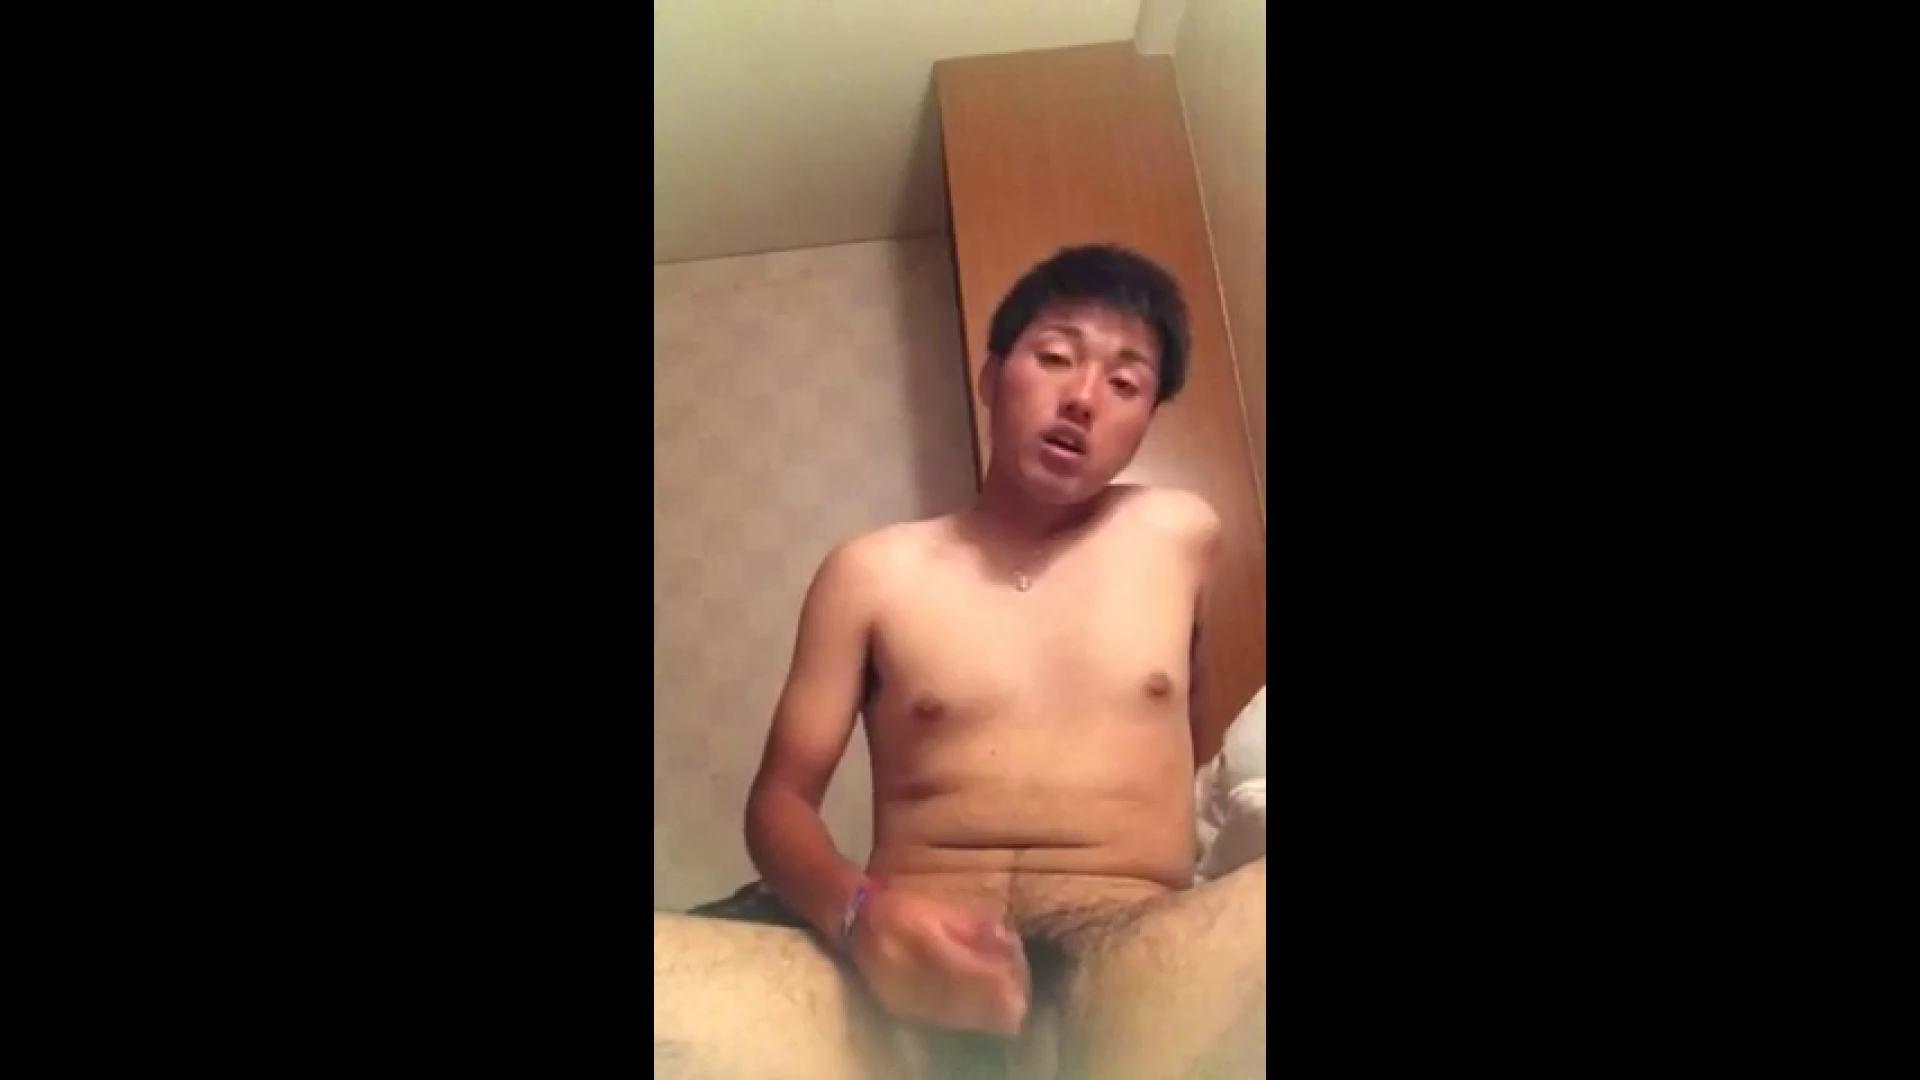 キター!ノンケちゃんオナニー特集vol.29 ノンケ天国 ゲイアダルト画像 107pic 12